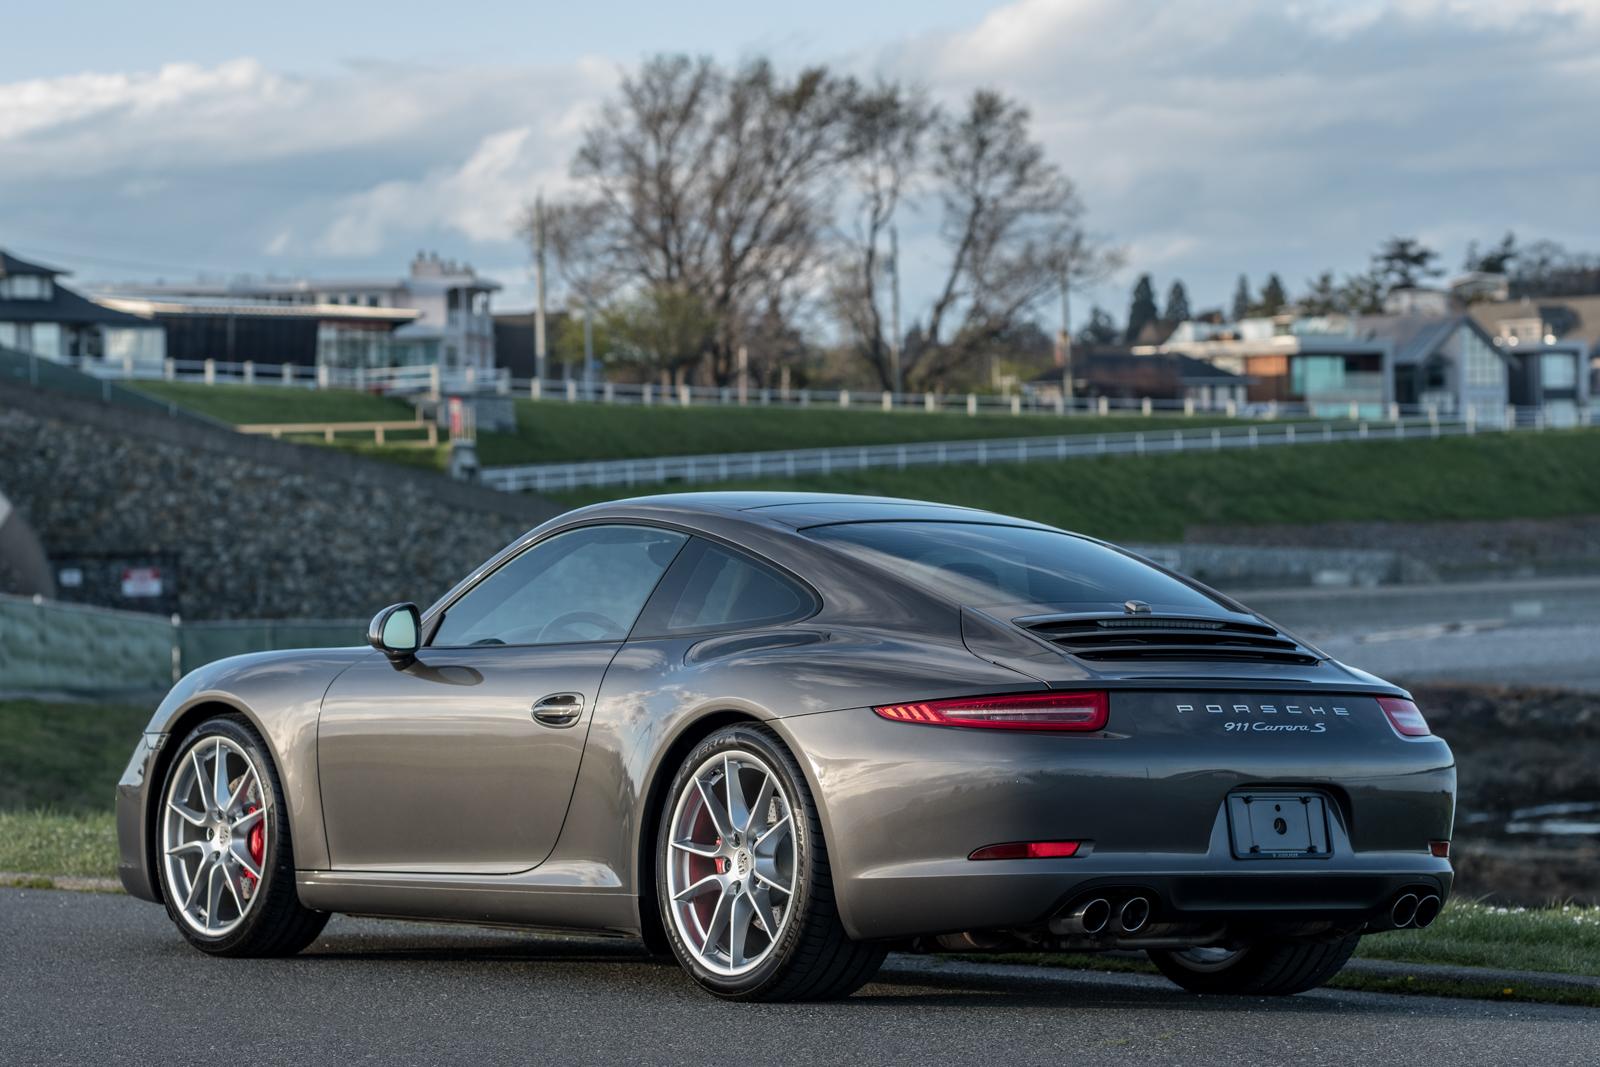 2012 porsche 911 carrera s pdk 991 1 silver arrow cars ltd. Black Bedroom Furniture Sets. Home Design Ideas